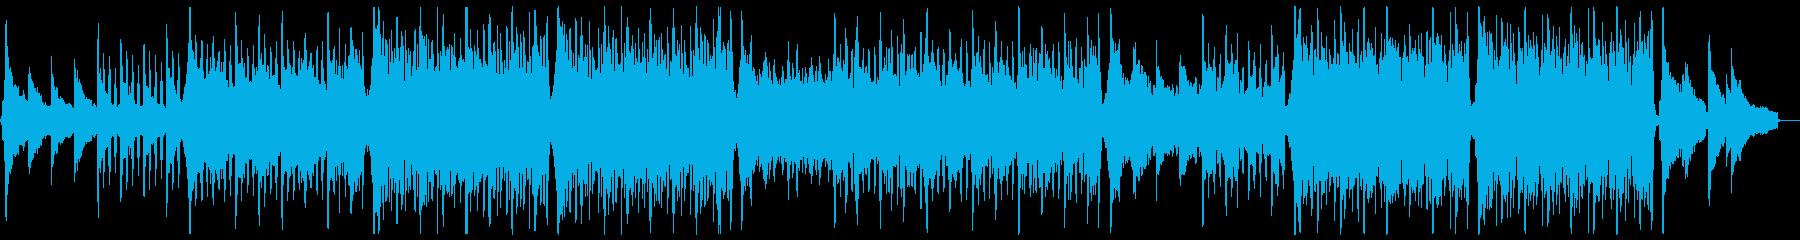 明るく前向きなトロピカルハウスEギター抜の再生済みの波形